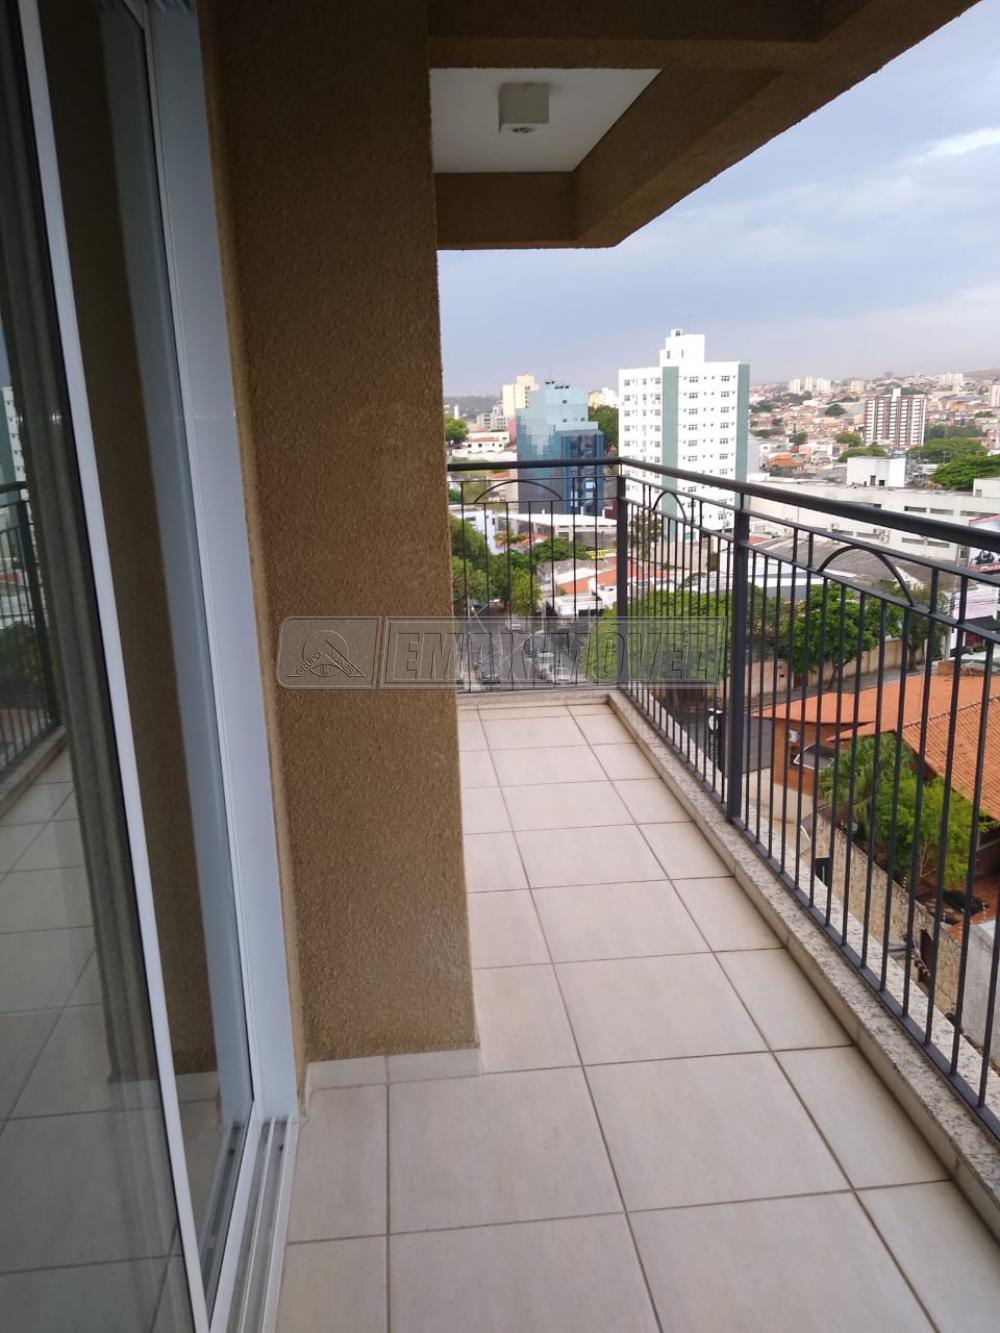 Comprar Apartamentos / Apto Padrão em Sorocaba apenas R$ 490.000,00 - Foto 5